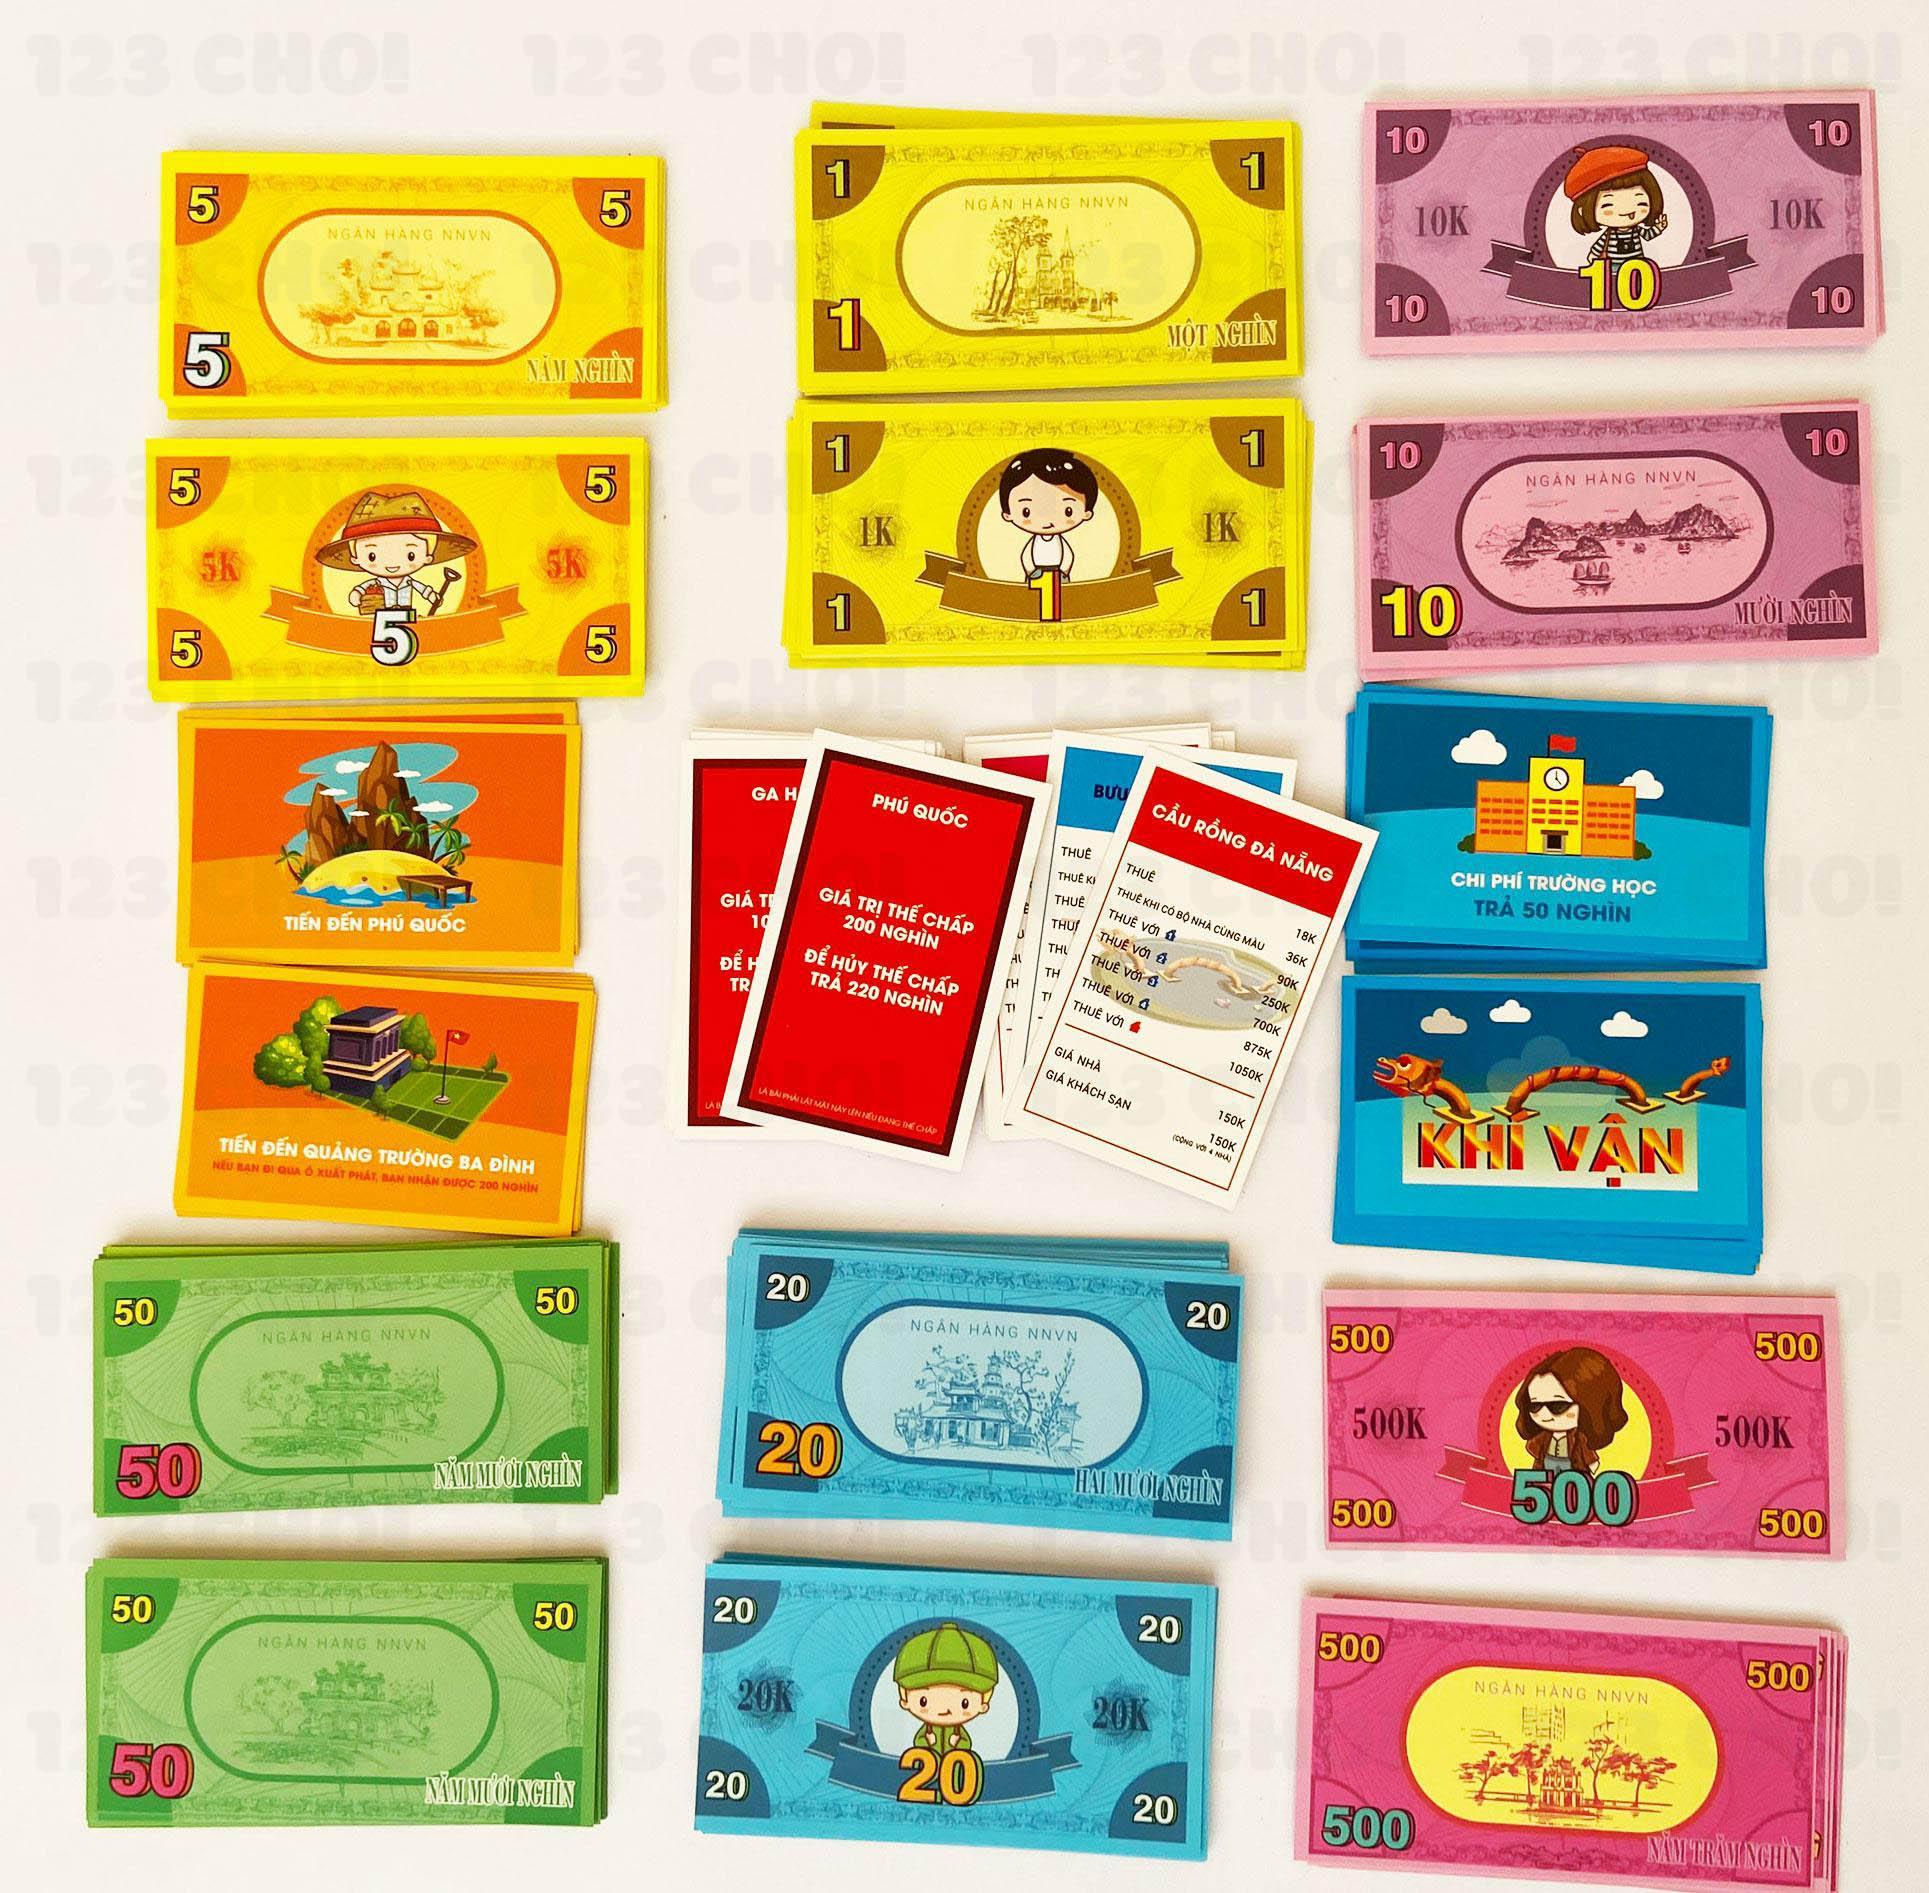 Các loại thẻ và tiền trong cờ tỷ phú